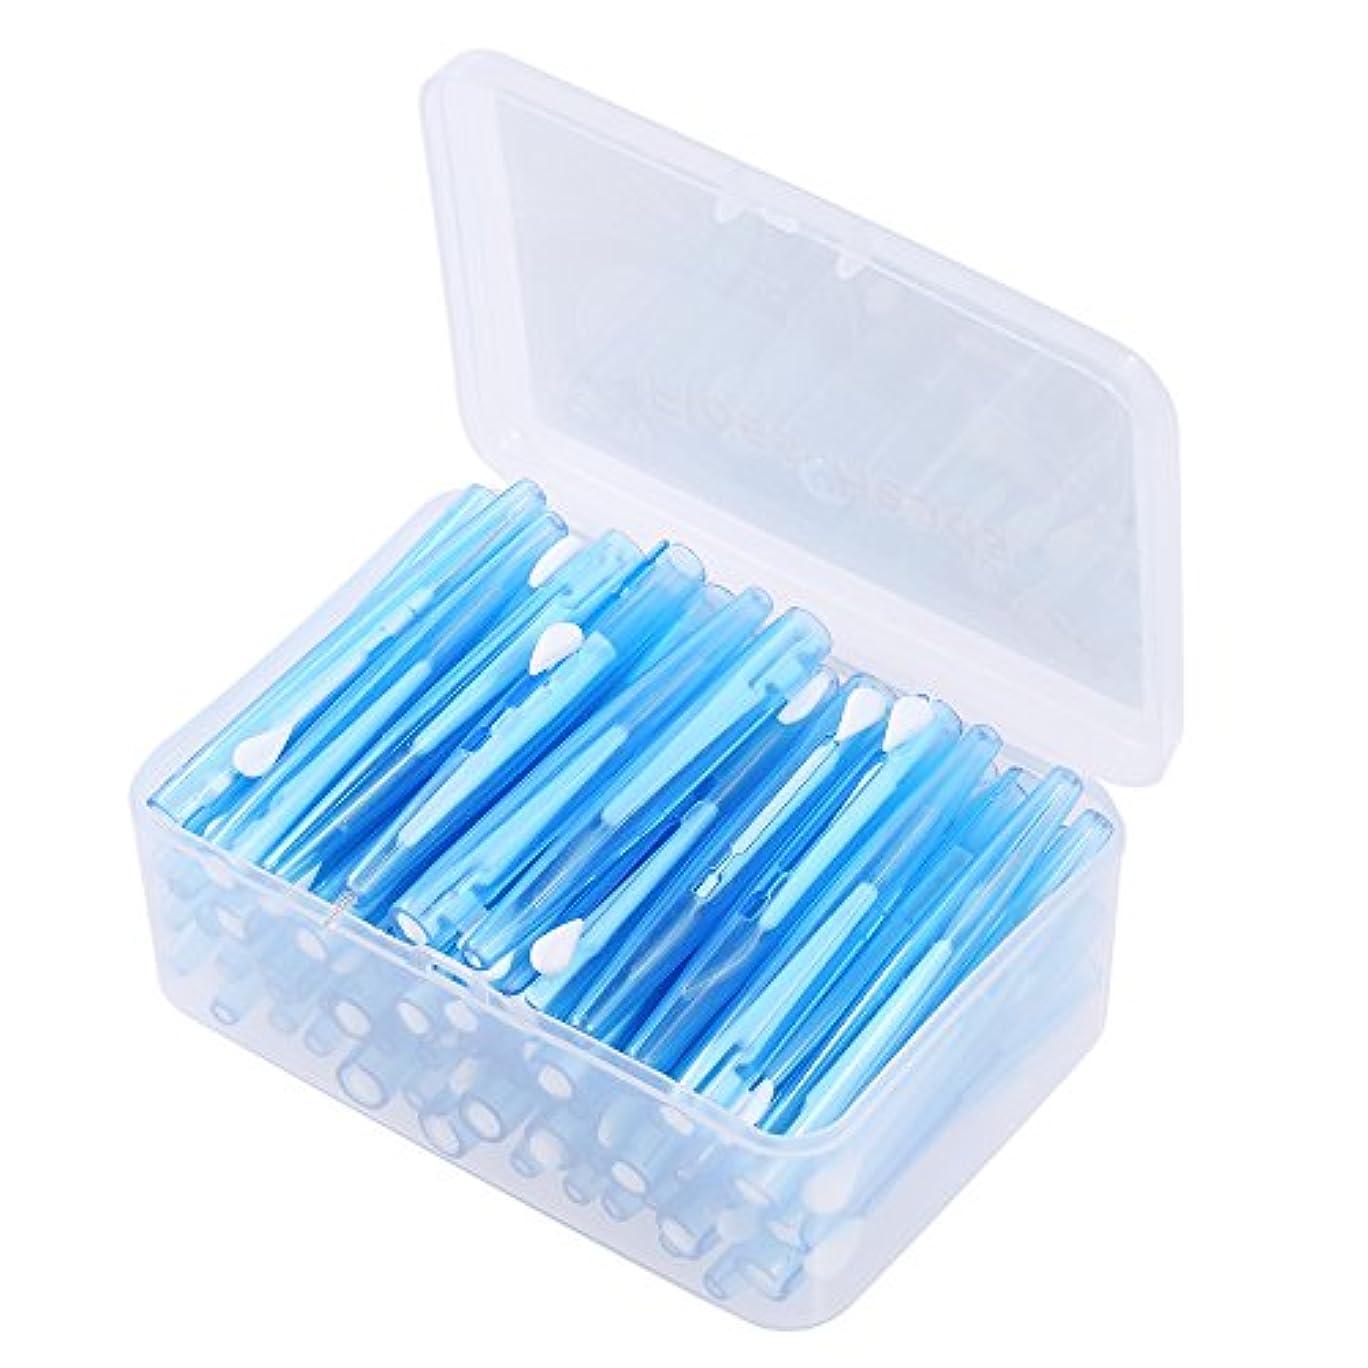 大適用済みいうDecdeal デンタルフロスピック 60個/箱 デンタルブラシ ディープクリーンヘルスケア用 歯ティルトピック リフィルインター